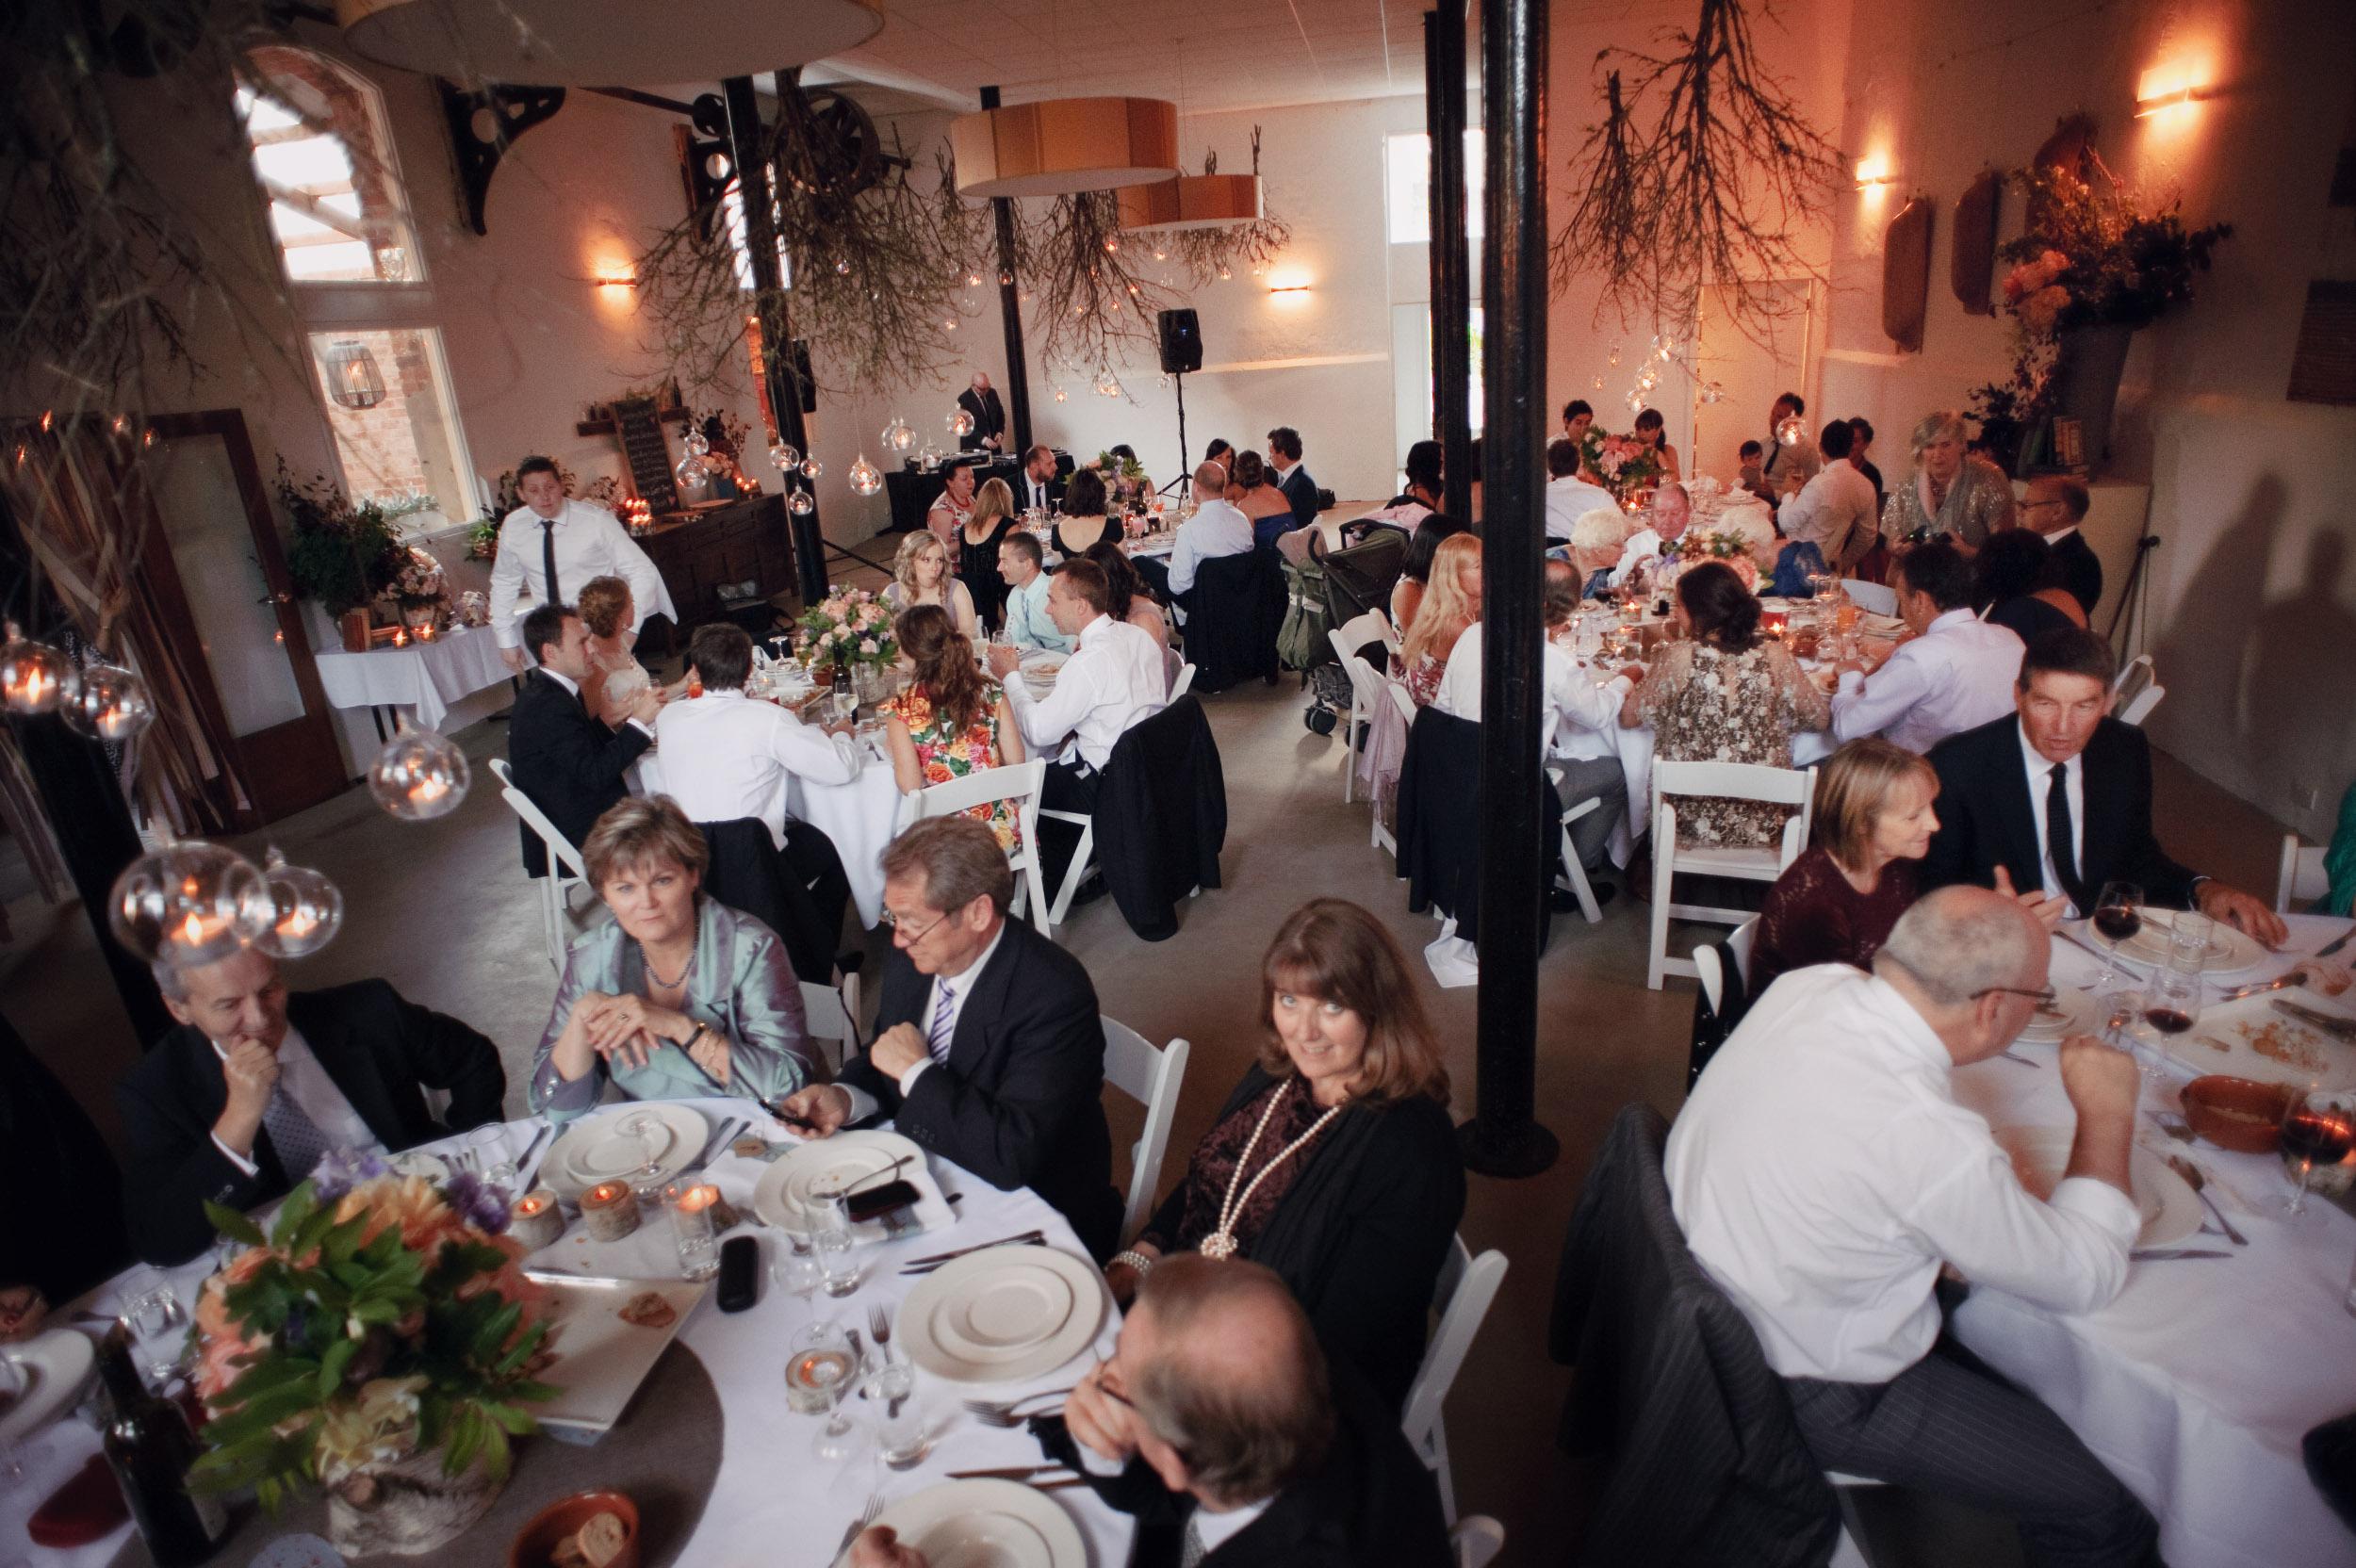 euroa_butter_factory_wedding_photography_89.jpg